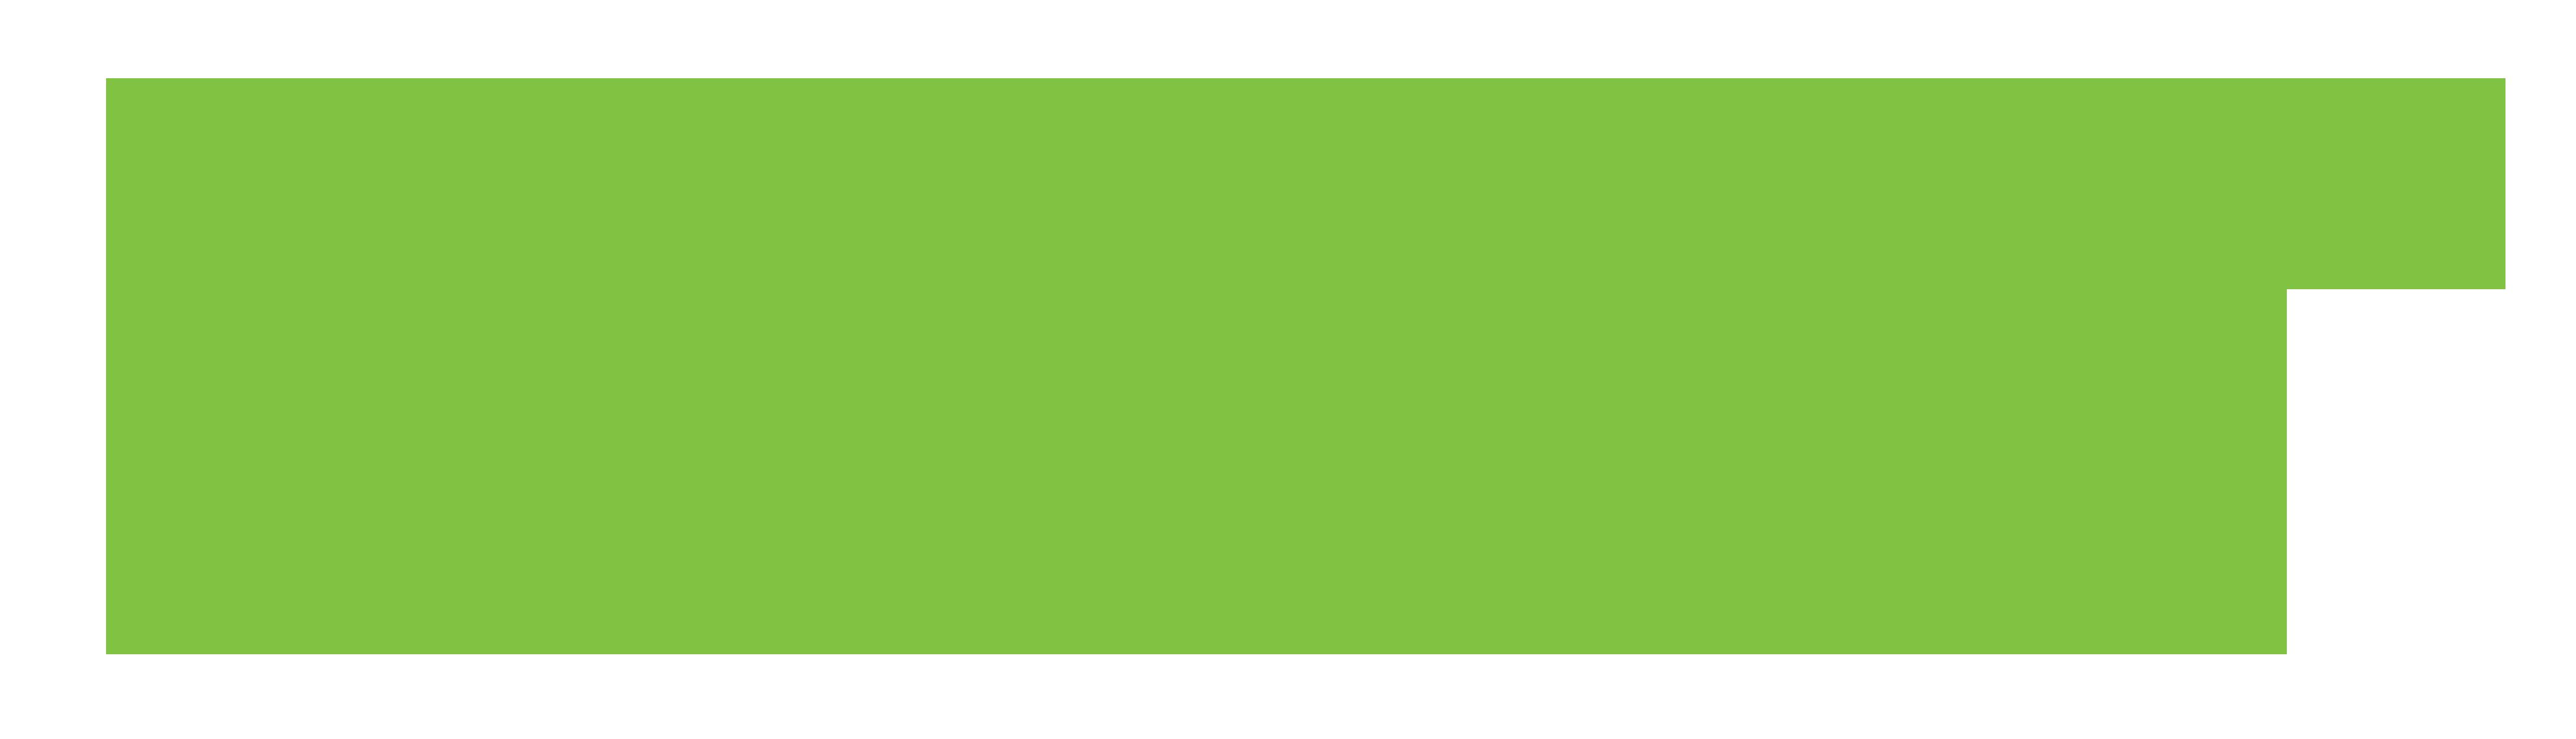 acer transparent